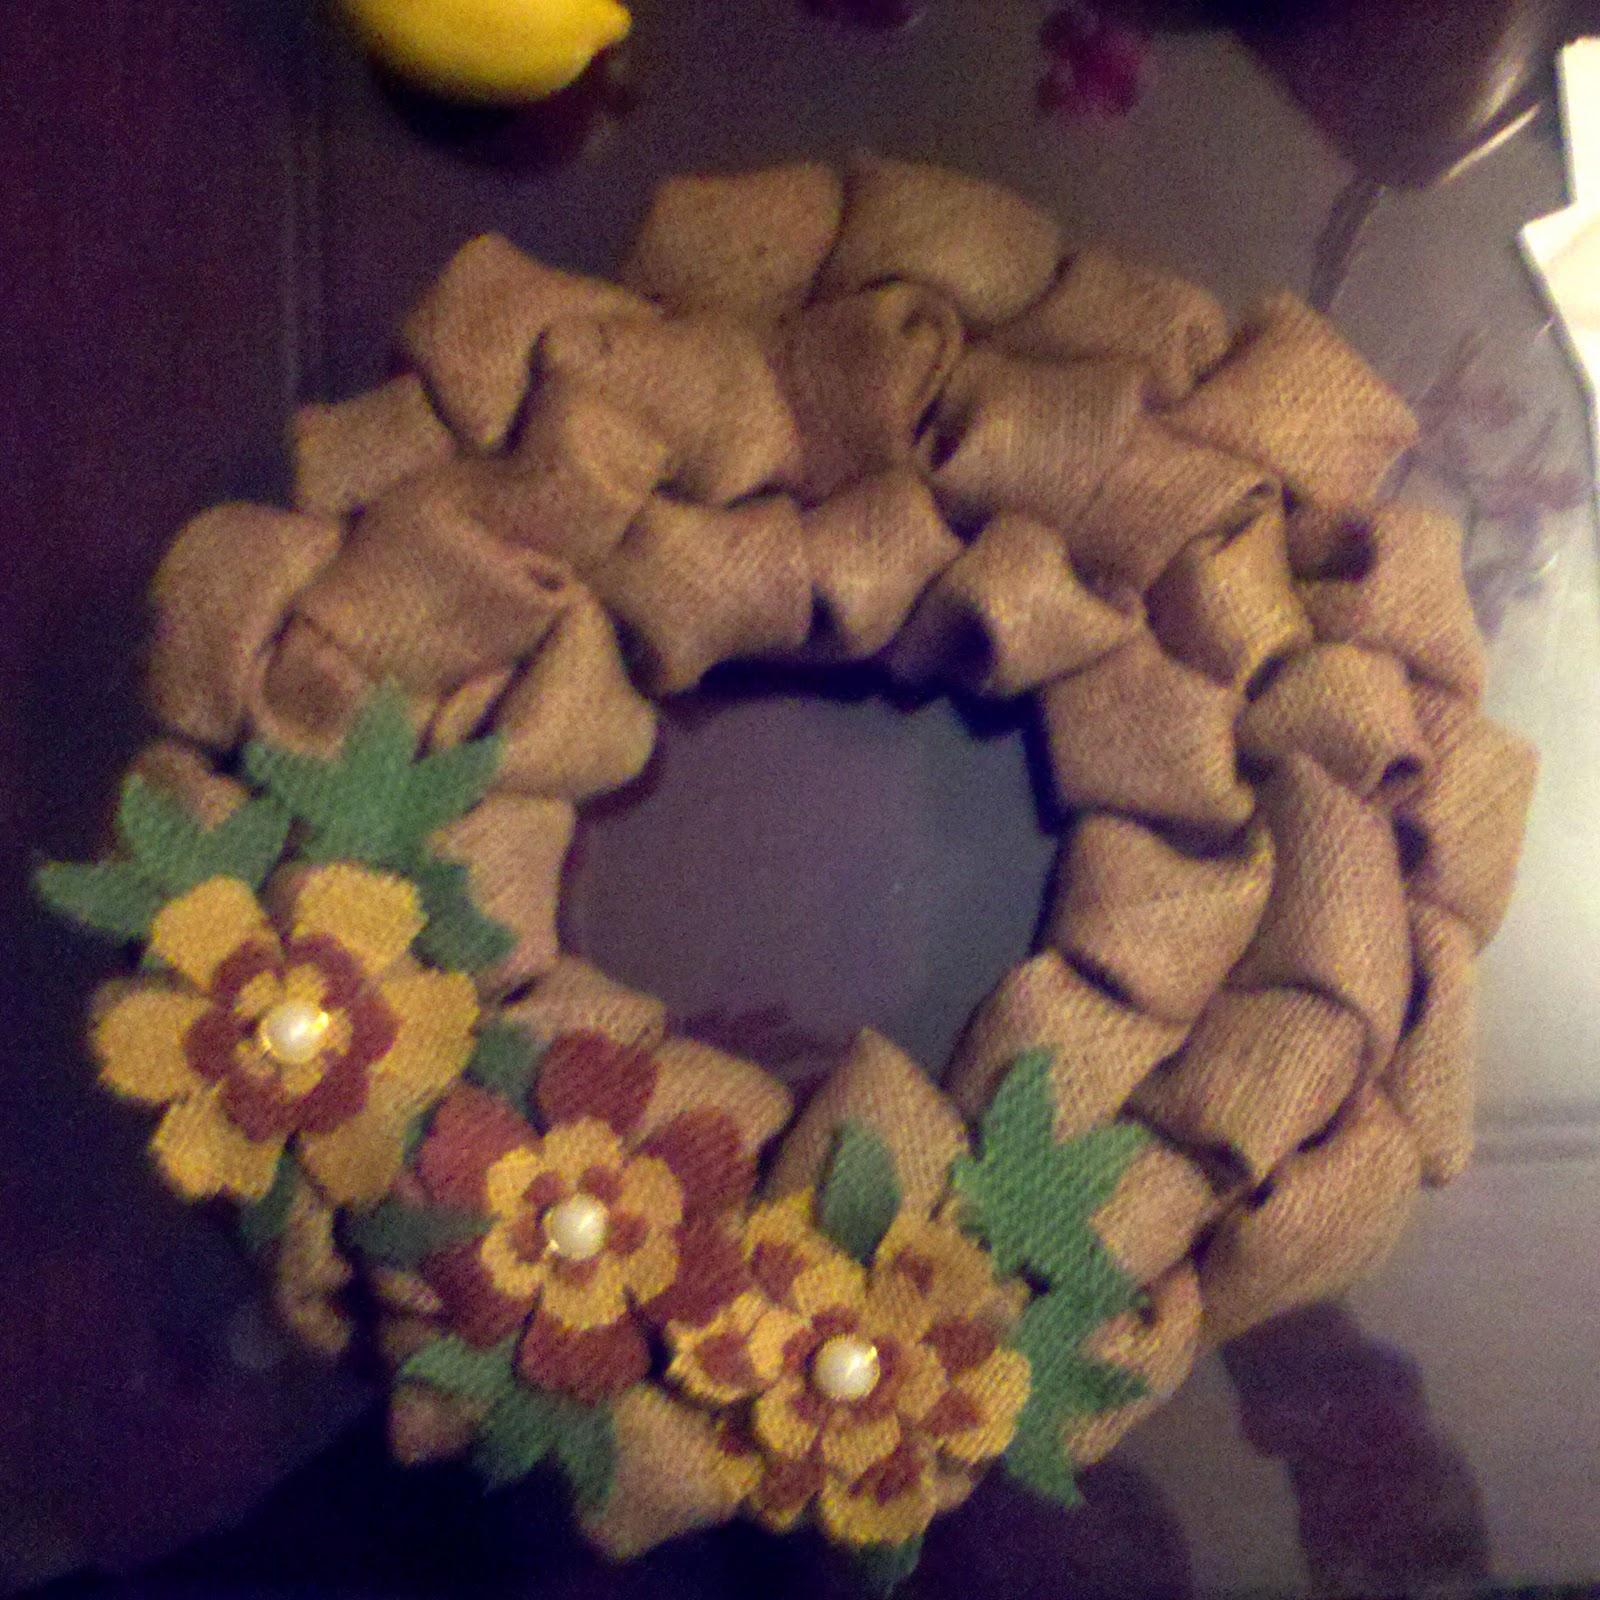 http://3.bp.blogspot.com/-nY3szLO1R8w/TsGM6FB2YLI/AAAAAAAABsU/-PGO2at-mBY/s1600/wreath.jpg